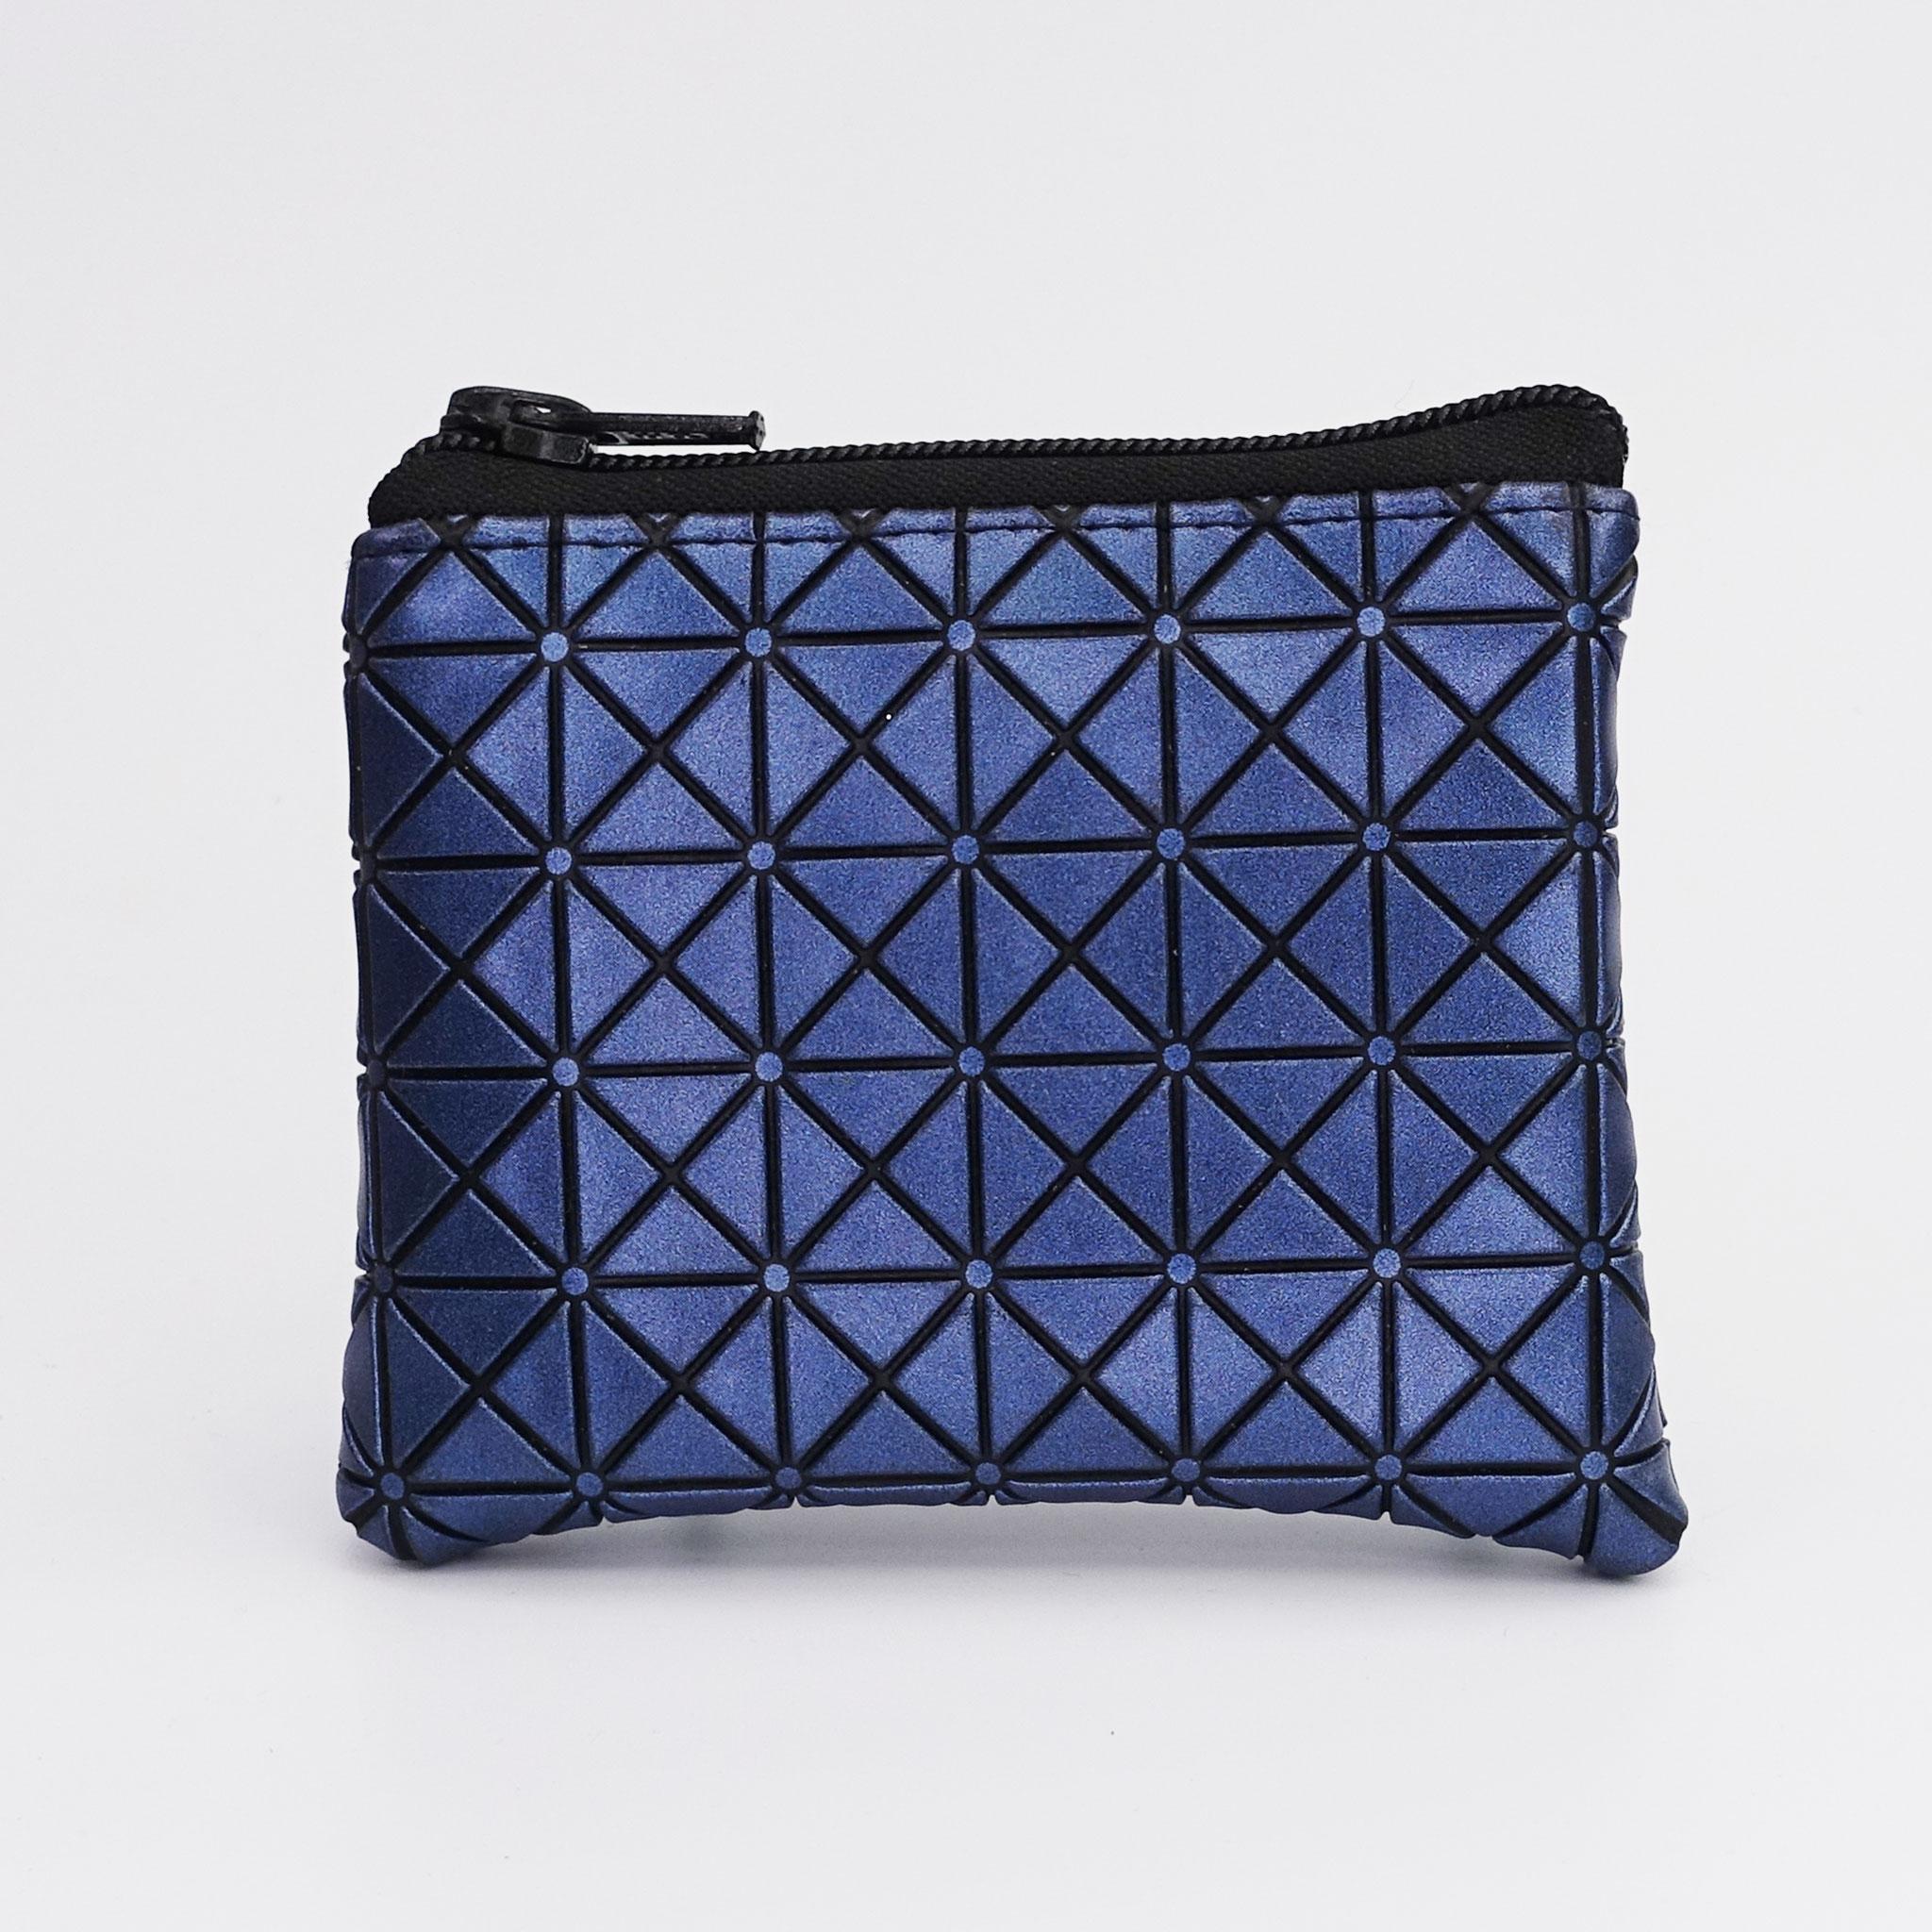 Porte-monnaie Japan bleu, zip nylon